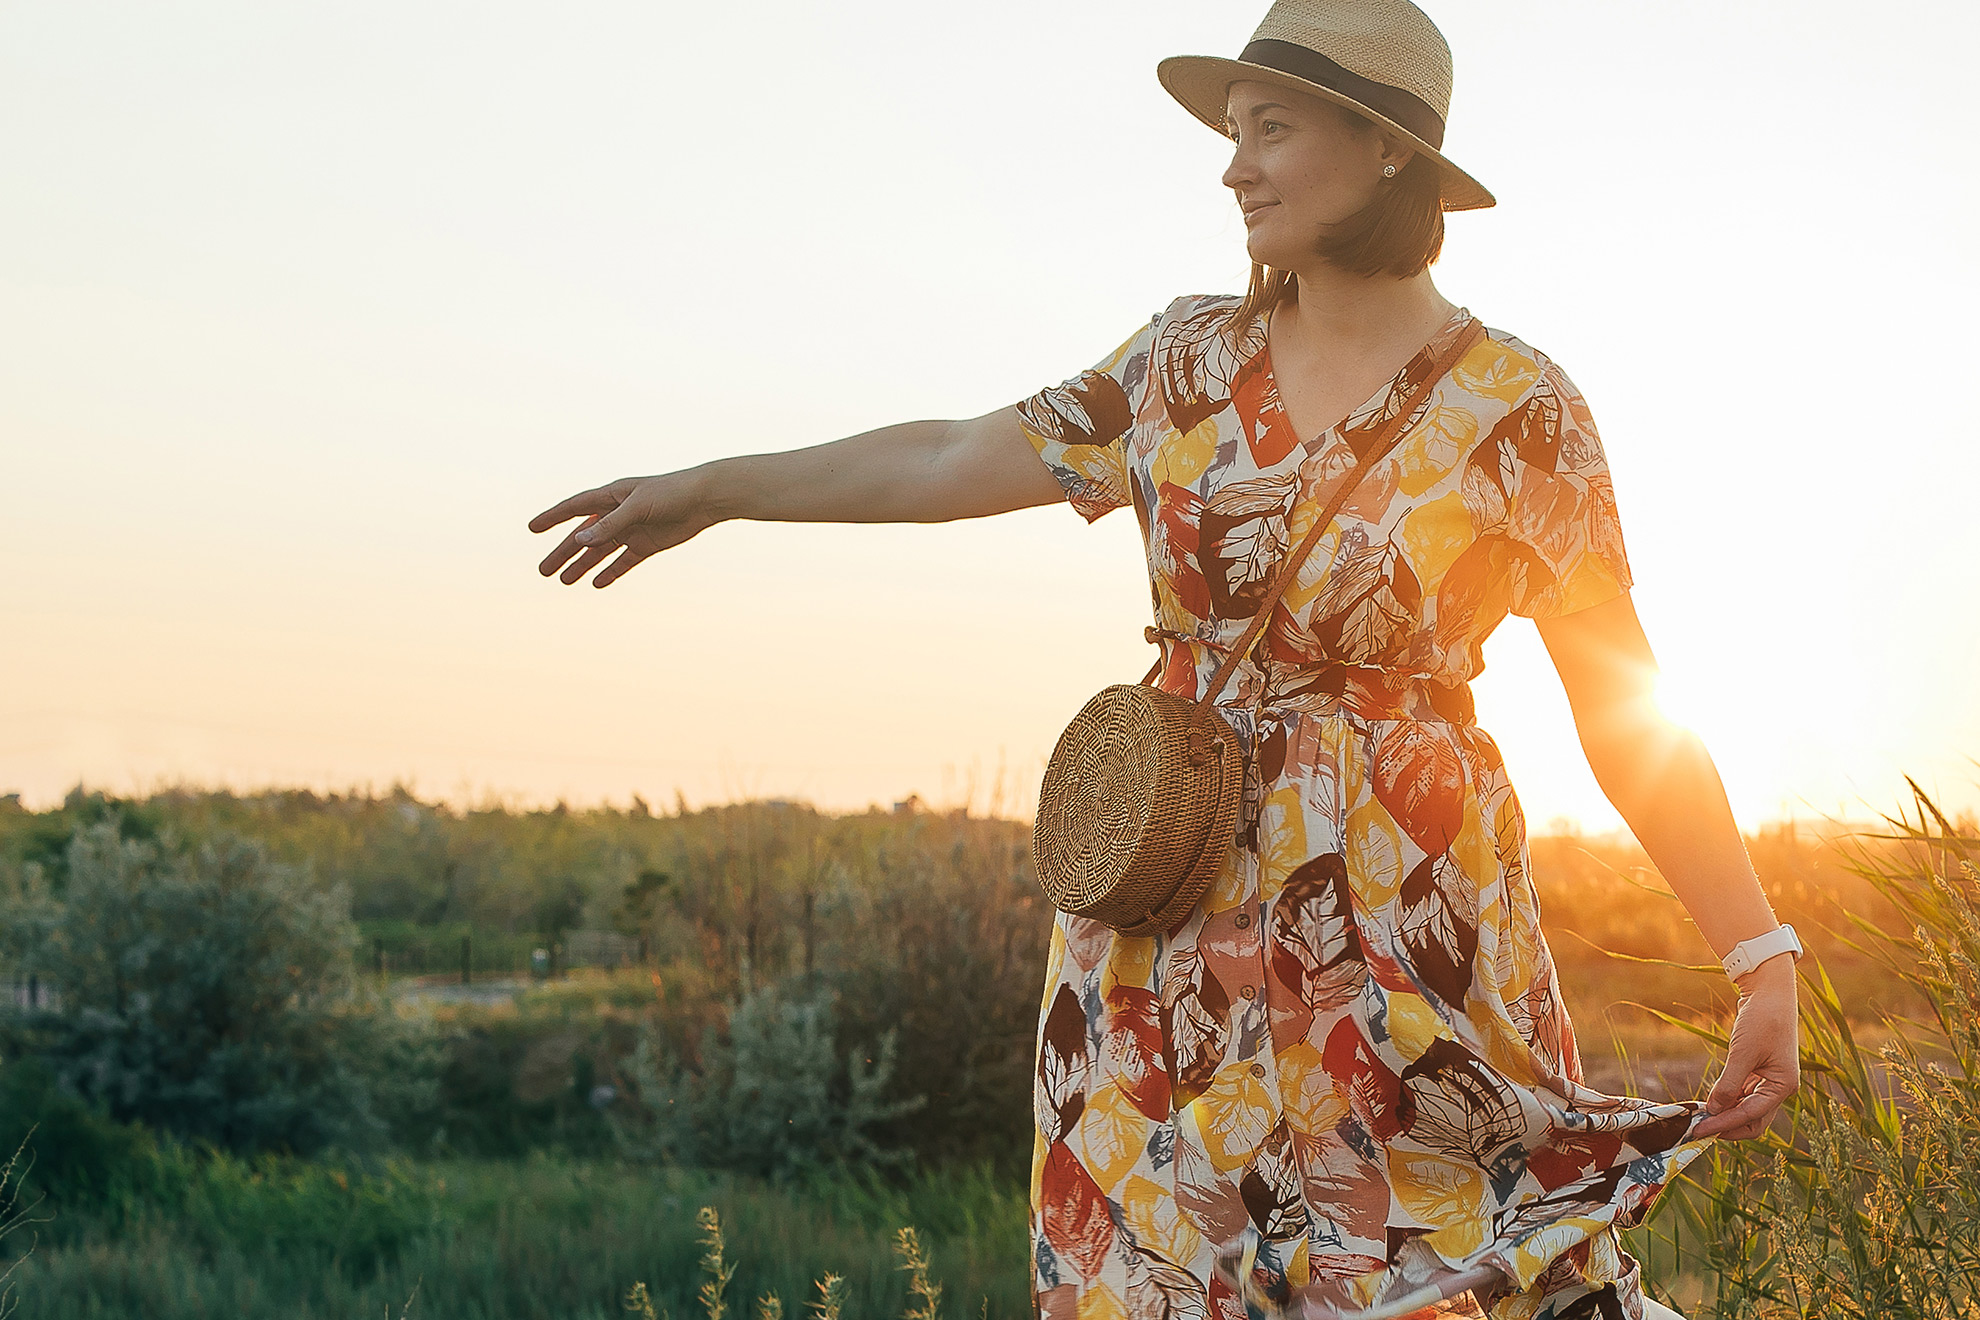 Kobieta w letniej sukience, ilustracja do artykułu